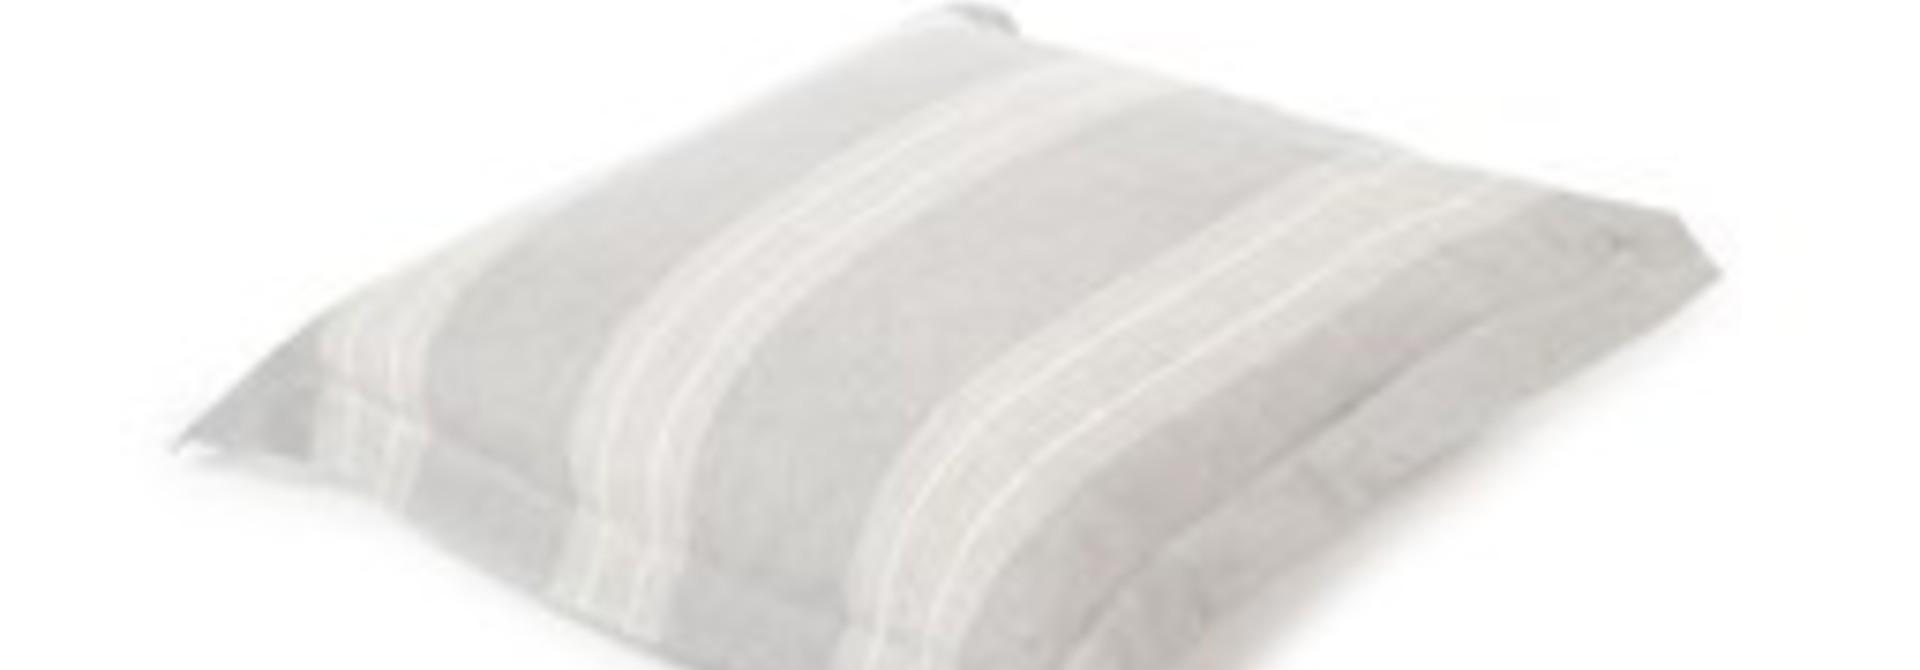 Pillow Sham - Sisco - Queen